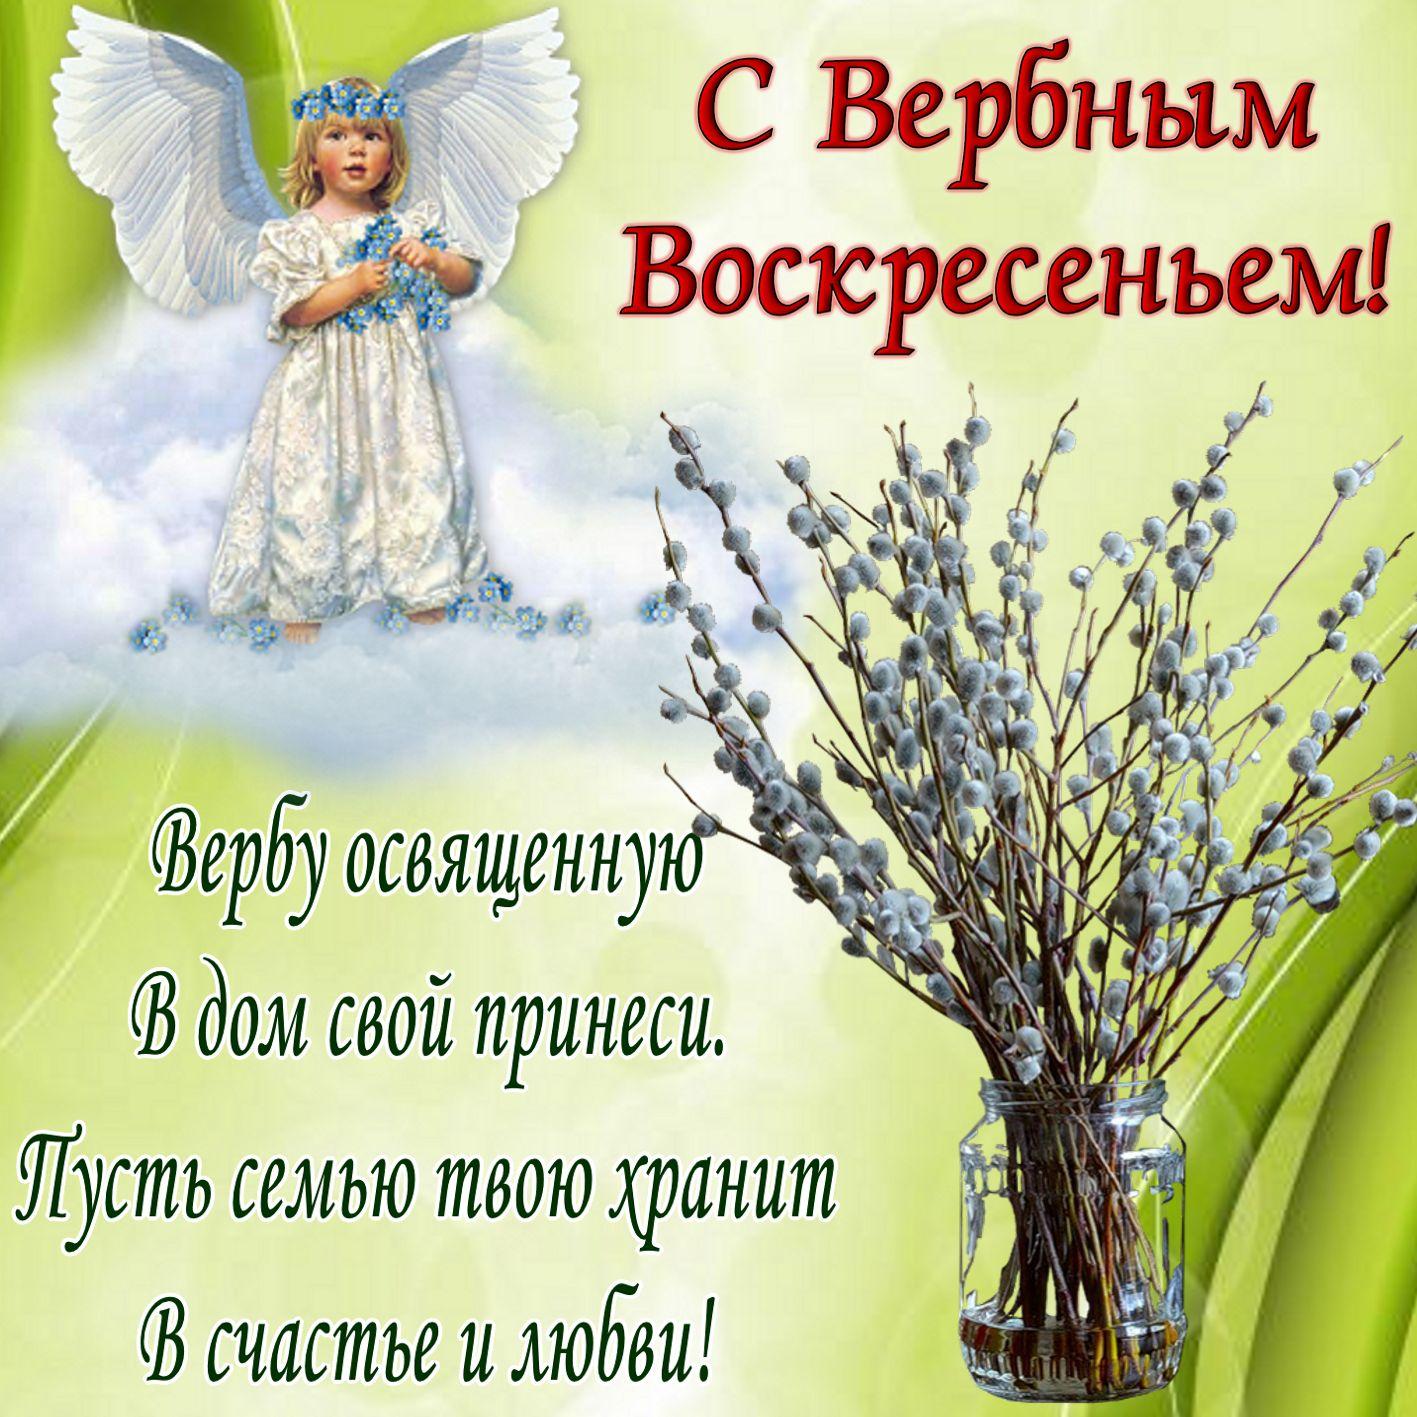 Ангел и пожелание к празднику